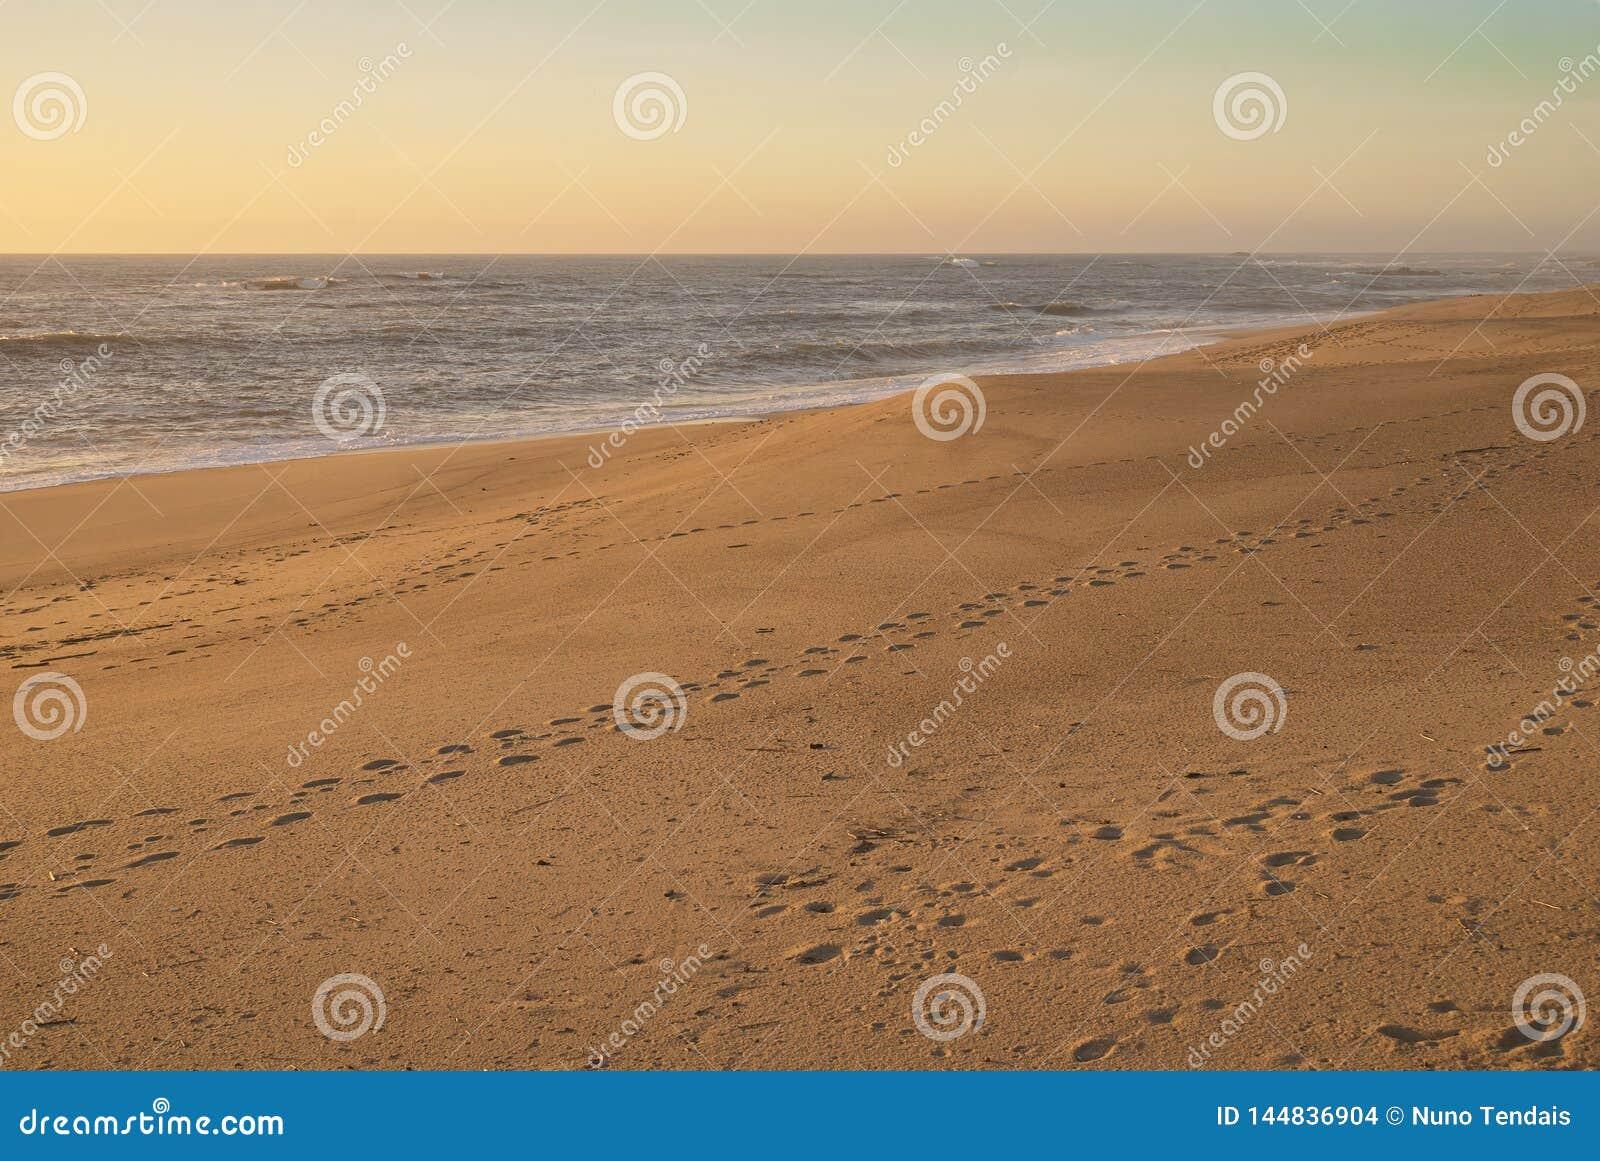 Pegadas na praia vazia